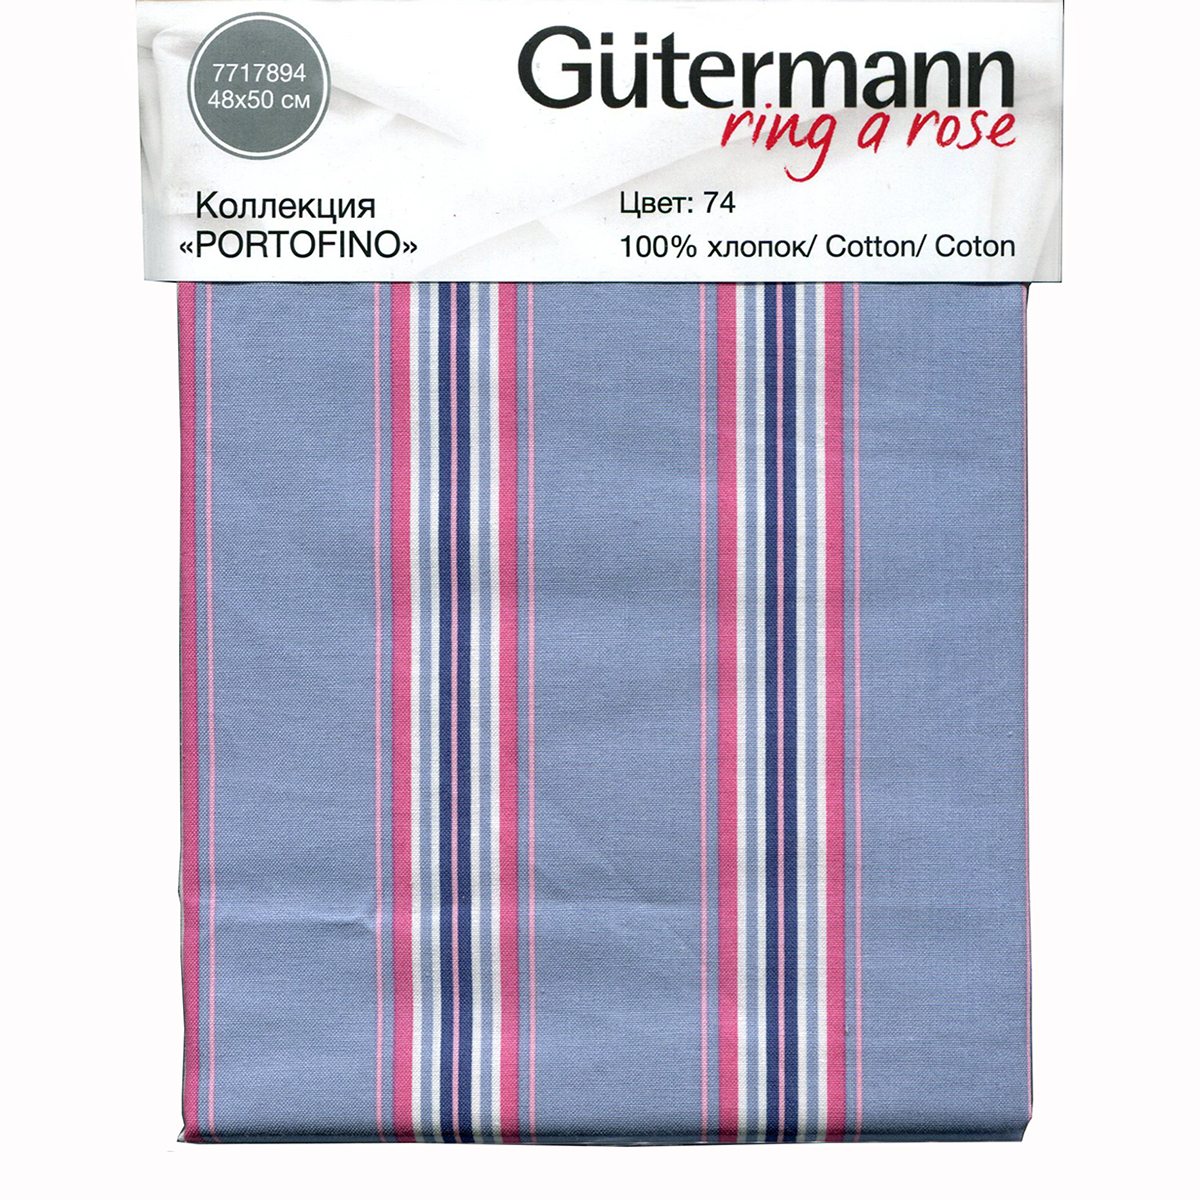 Ткань Gutermann Portofino, 48 х 50 см. 647578_747717894-74Хлопковая ткань от Gutermann (Гутерманн) выполнена из 100% натурального материала, идеально подойдет для шитья одежды, постельного белья, декорирования. Ткань не линяет, не осыпается по краям и не дает усадки.